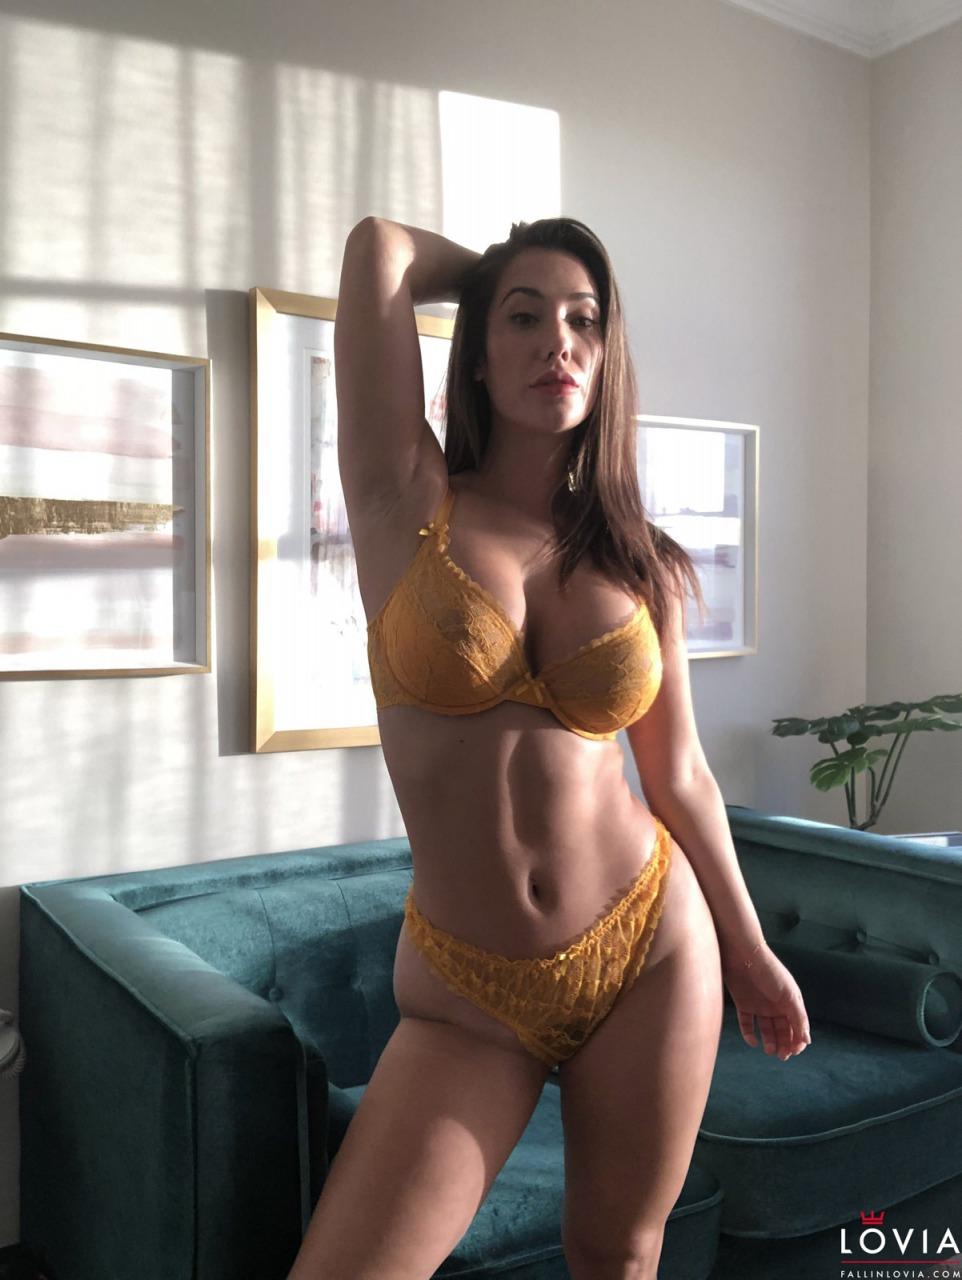 Eva Lovia - Edging 5